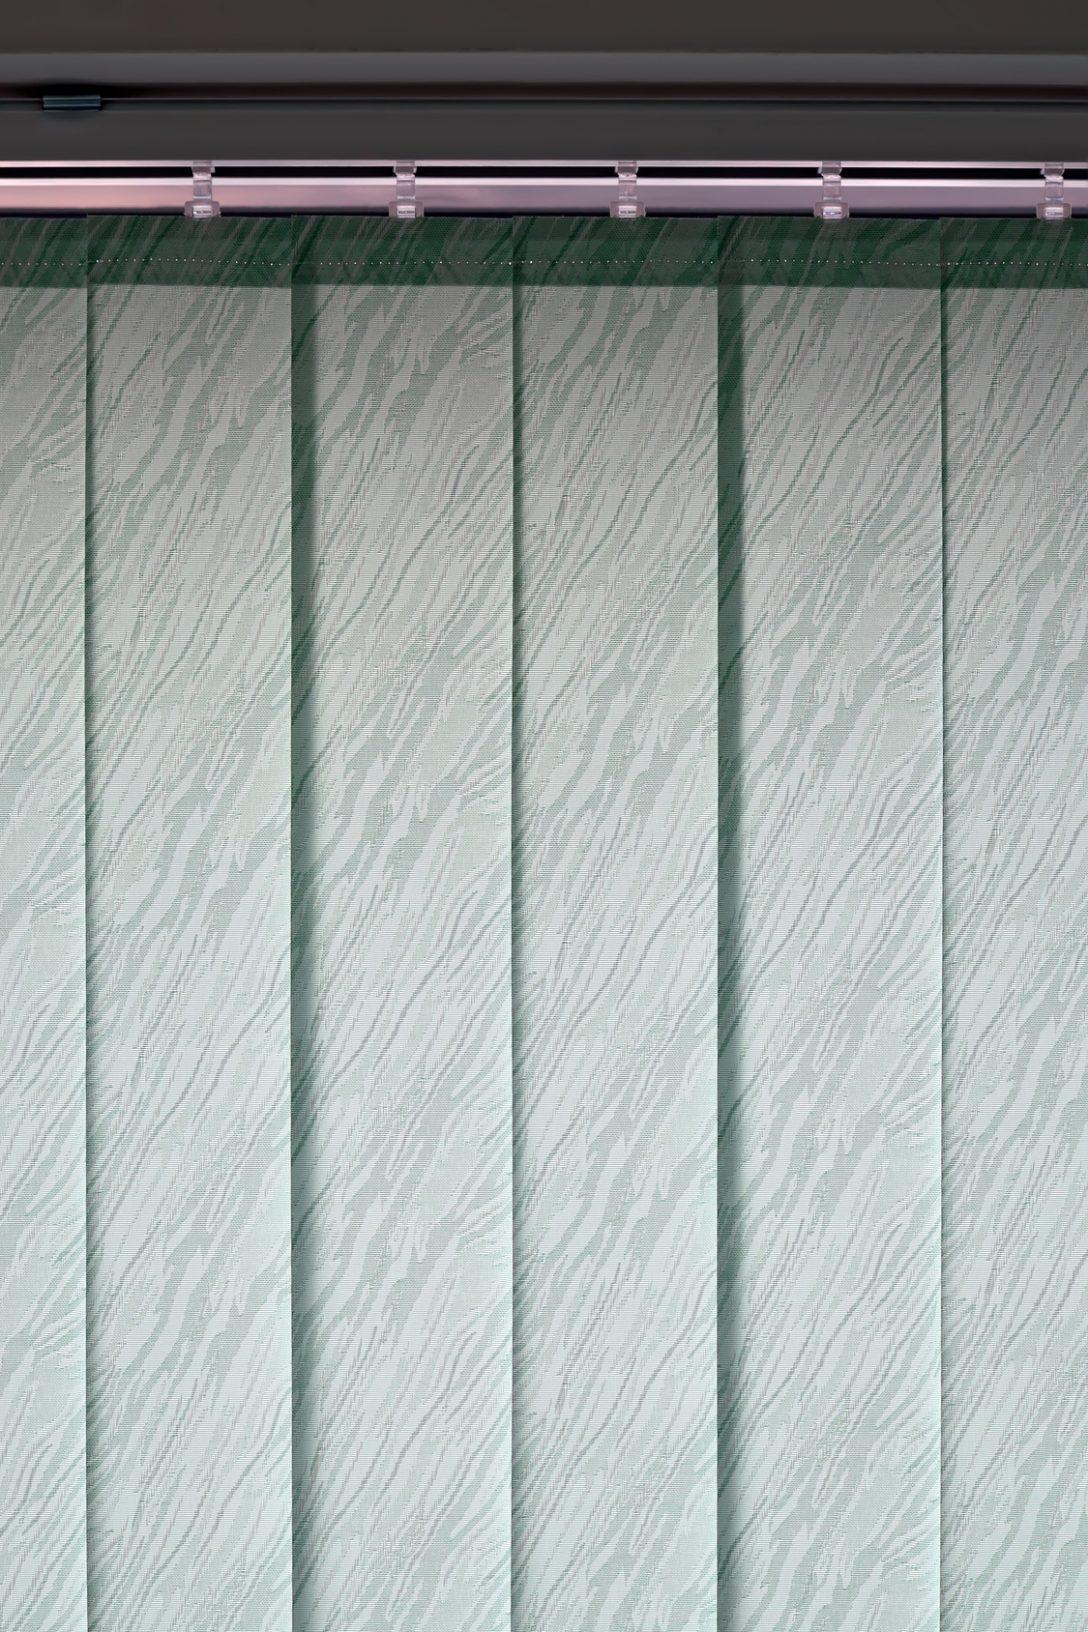 Large Size of Sichtschutz Für Fenster Vertikallamellen Individuelle Lichtwirkung In Vielen Varianten Sichtschutzfolie Einseitig Durchsichtig Tauschen Sonnenschutz Trier Fenster Sichtschutz Für Fenster